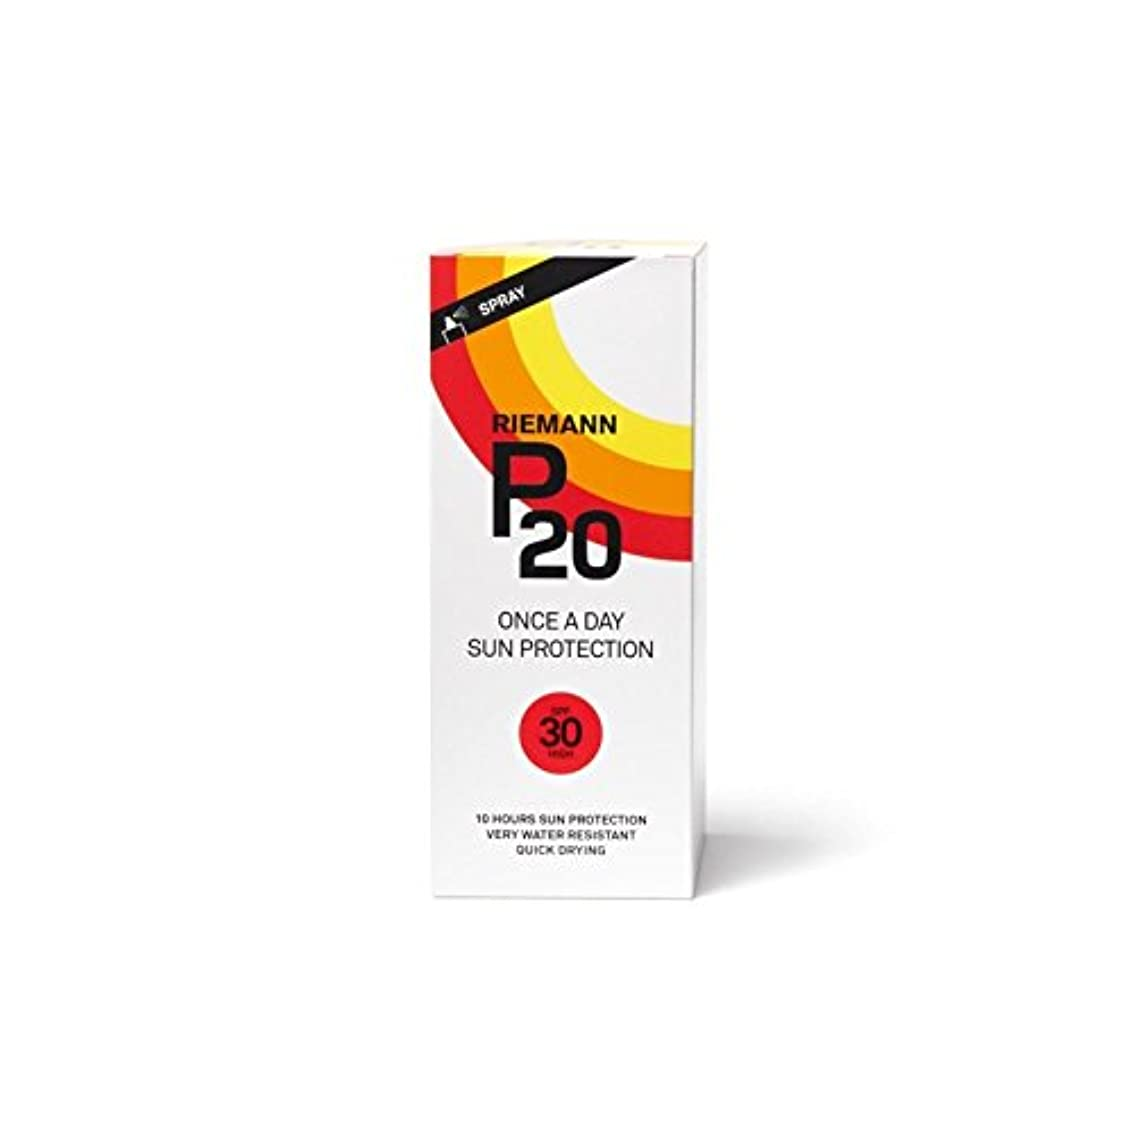 同情的ゴールデン対応するRiemann P20 Sun Filter 200ml SPF30 (Pack of 6) - リーマン20のサンフィルター200ミリリットル30 x6 [並行輸入品]